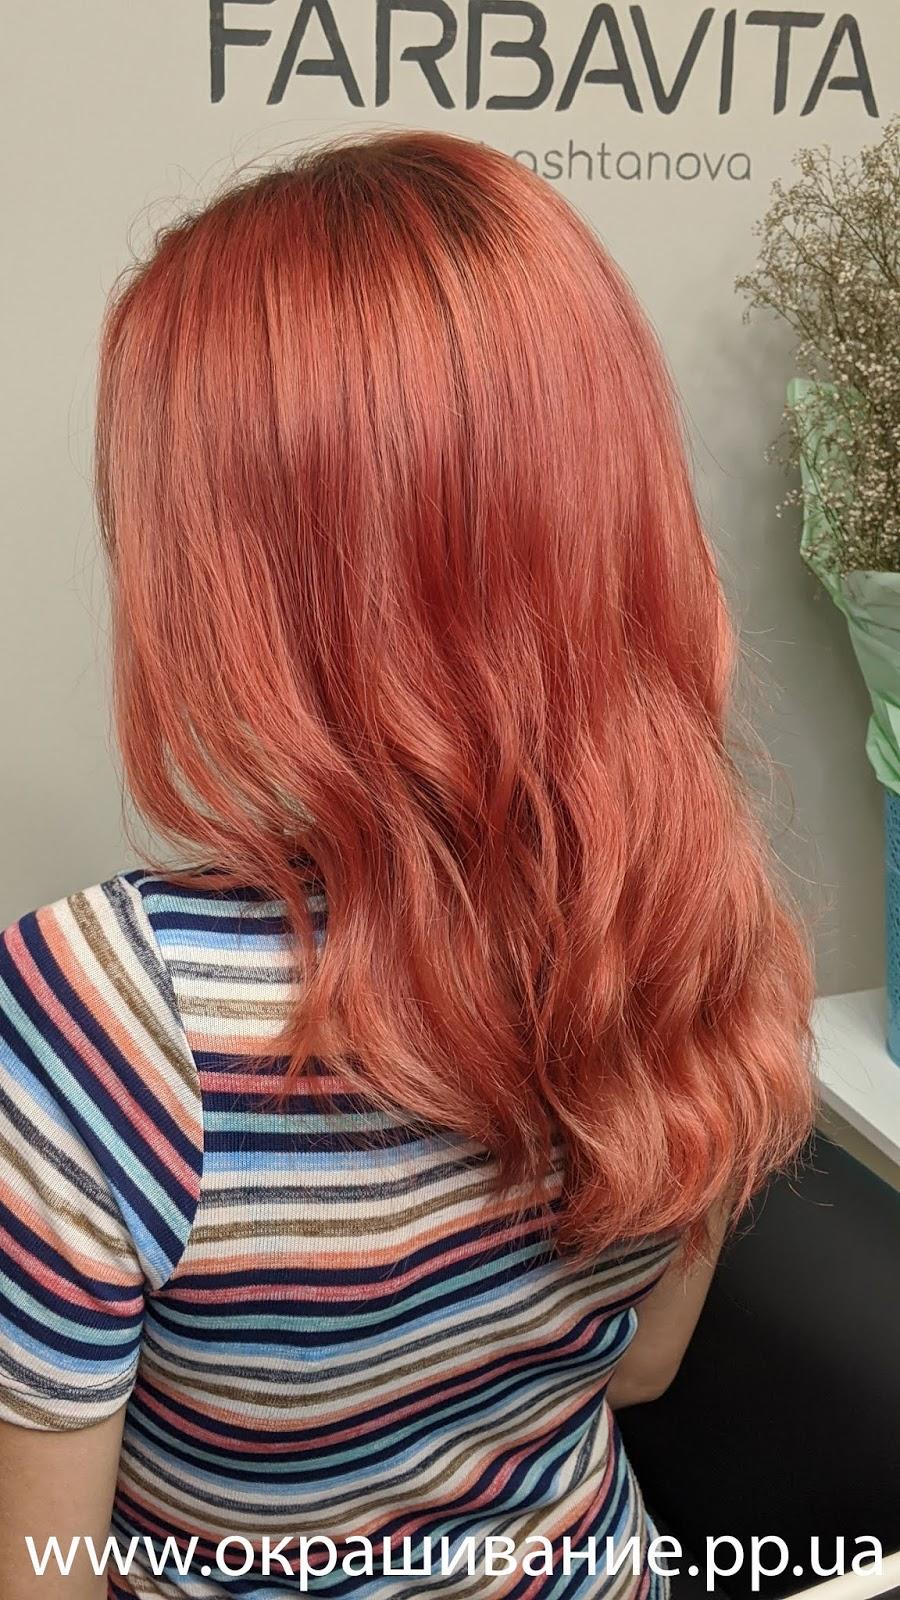 Персиковый цвет волос фото